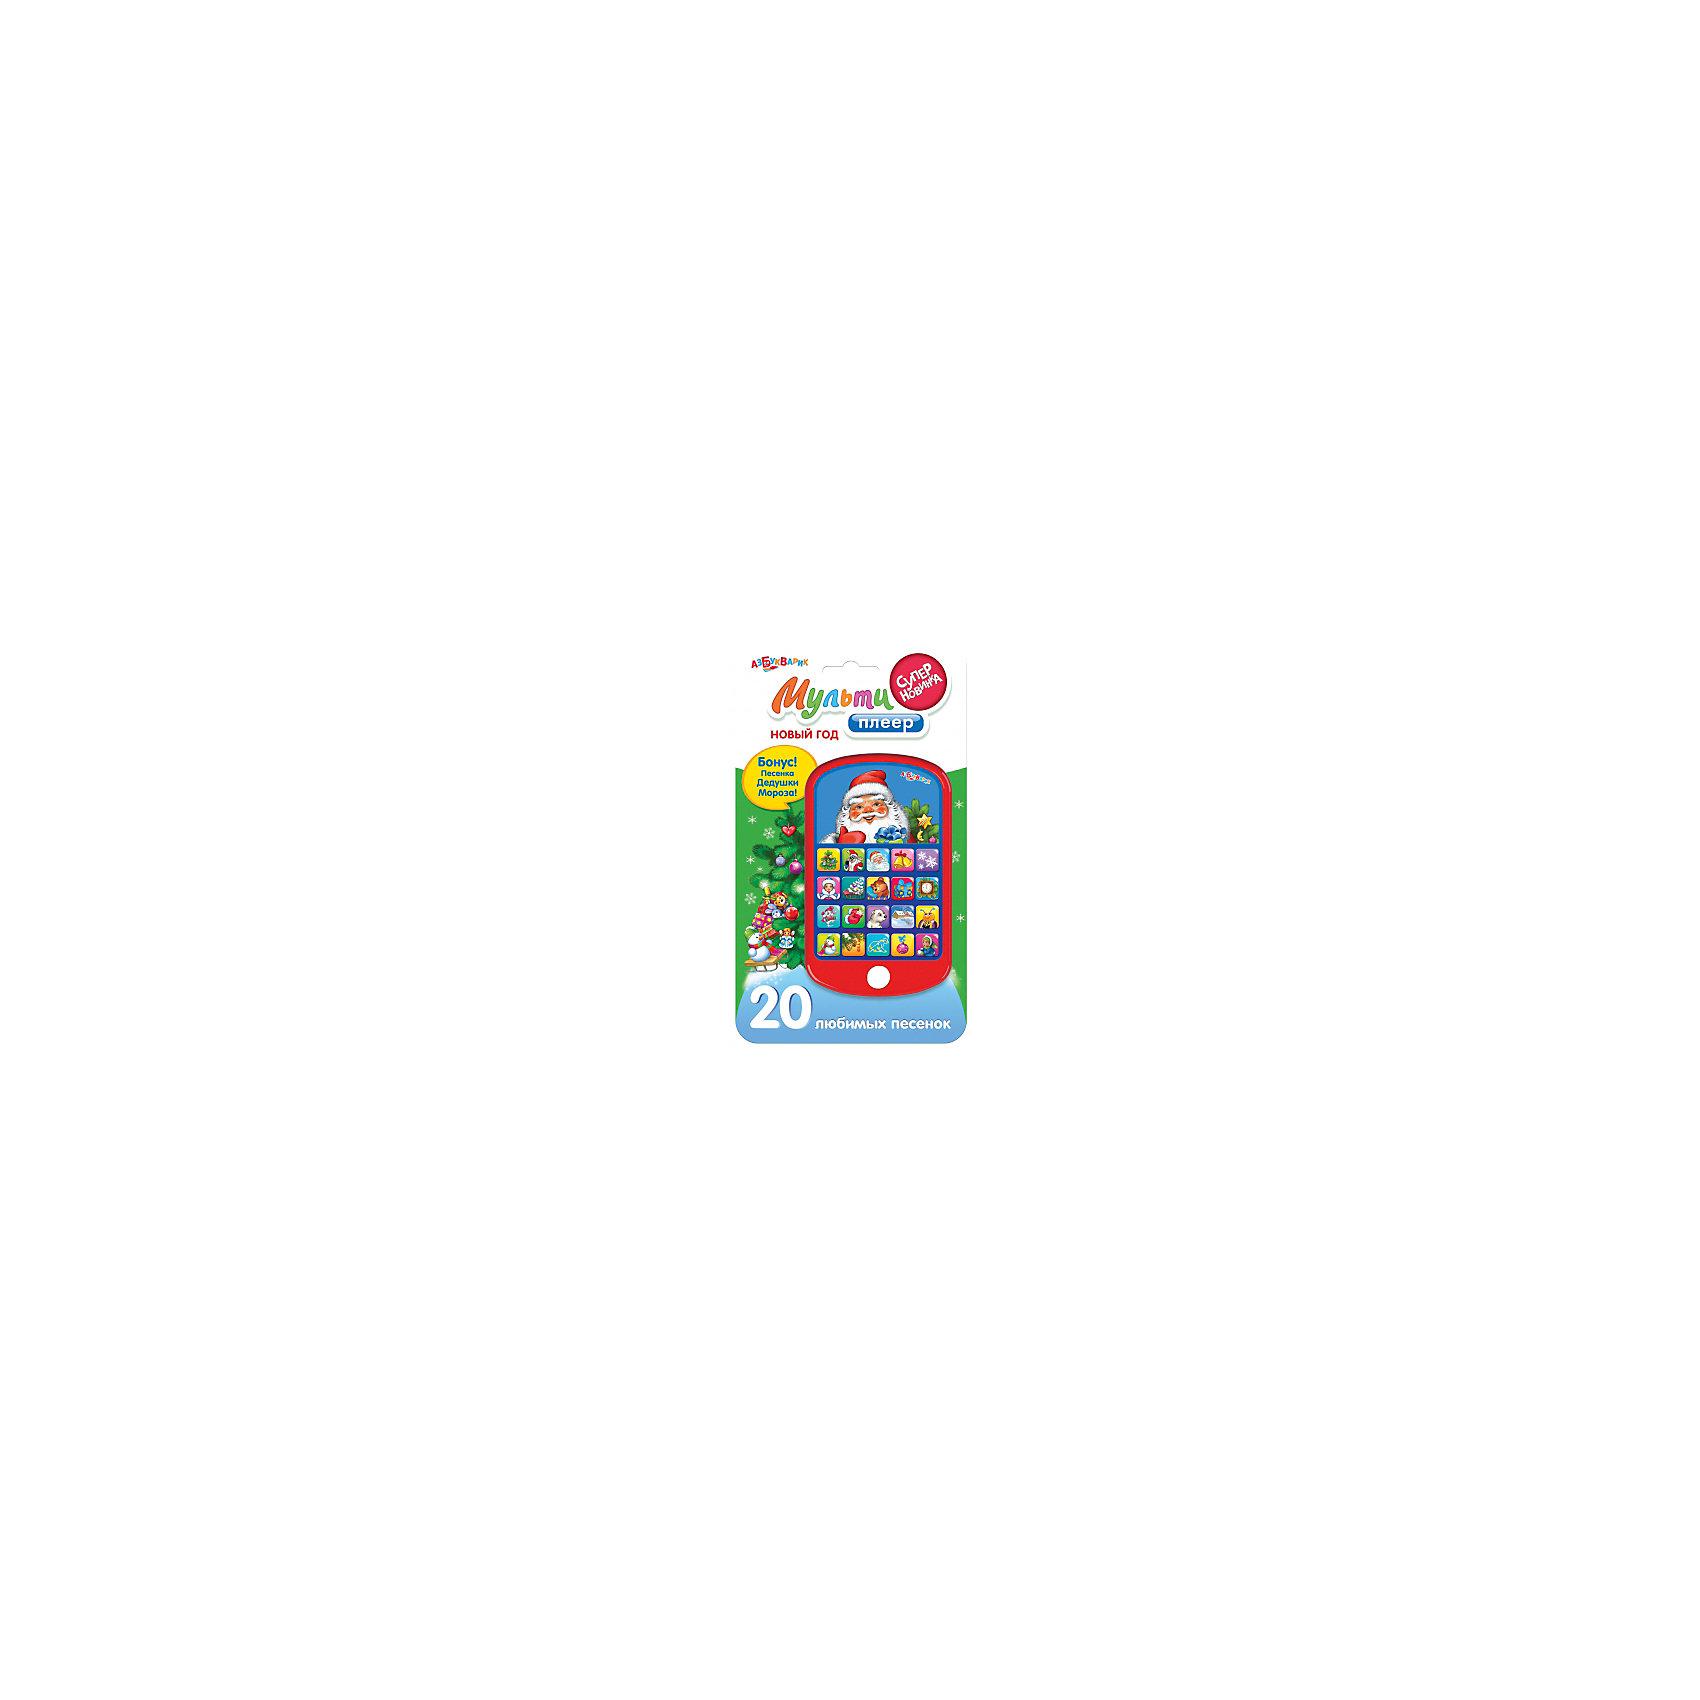 Мультиплеер Новый Год (новый формат)Детские музыкальные инструменты<br>Продолжение серии «Мульти плеер»! Ещё больше мультяшек и любимых песен, новый оригинальный дизайн! В плеере – 20 новогодних хитов и... Бонус! Нажми на большую картинку – слушай песенку главного персонажа: Деда Мороза. <br><br>Дополнительная информация:<br><br>Материал: пластмасса с элементами металла.<br>Батарейки: 3 шт. типа ААА (демонстрационные в комплекте).<br>Размеры мультиплеера: 8,3х13,7 см.<br>Размеры упаковки: 13,2х22,7 см.<br>Вес: 136 г.<br><br>Мультиплеер Новый Год (новый формат) можно купить в нашем магазине.<br><br>Ширина мм: 222<br>Глубина мм: 15<br>Высота мм: 130<br>Вес г: 85<br>Возраст от месяцев: 24<br>Возраст до месяцев: 60<br>Пол: Унисекс<br>Возраст: Детский<br>SKU: 4188714